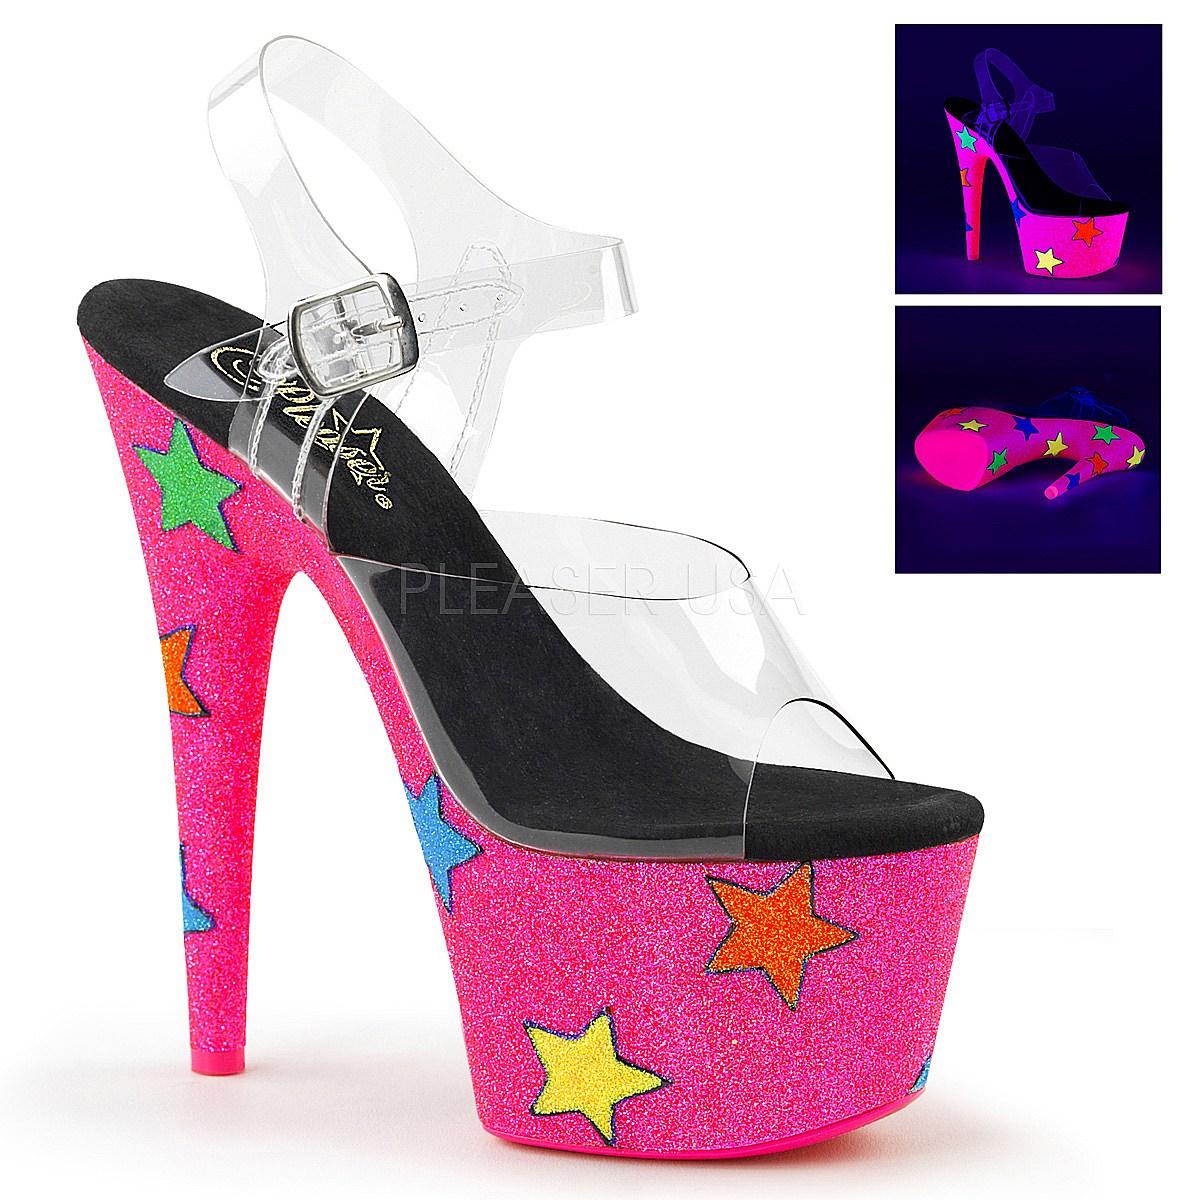 Neon glitter 18 cm Pleaser ADORE 708STR pole dance high heels schuhe